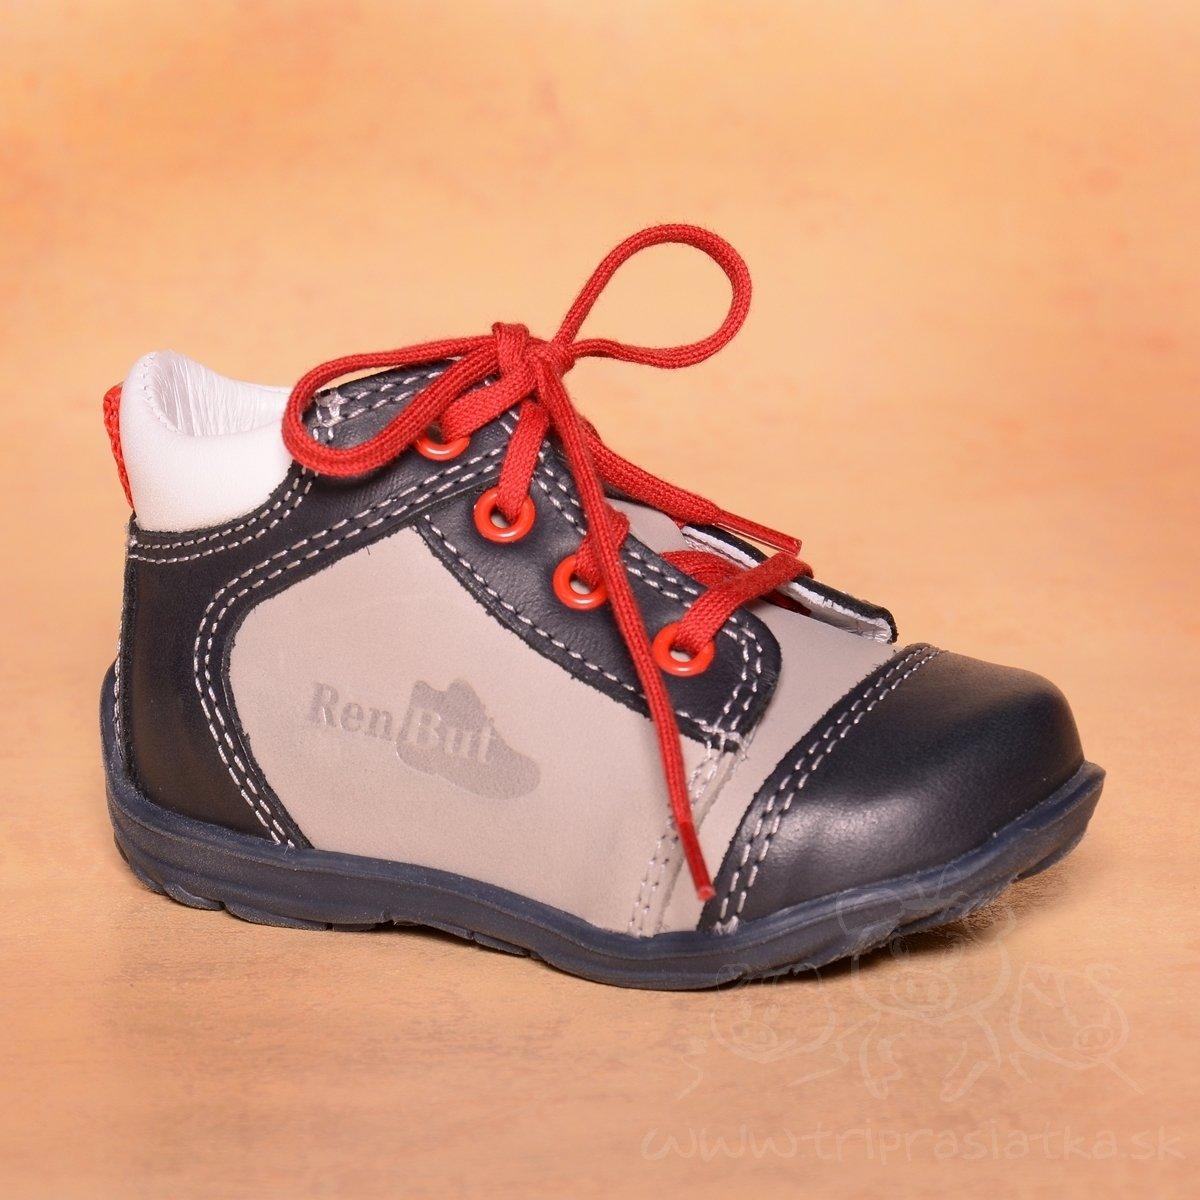 38c12f3dad718 Detské kvalitné kožené topánočky renbut / 13-1442, ren but,18 - 23 - 29,80  € od predávajúcej 3prasiatka_sk   Detský bazár   ModryKonik.sk